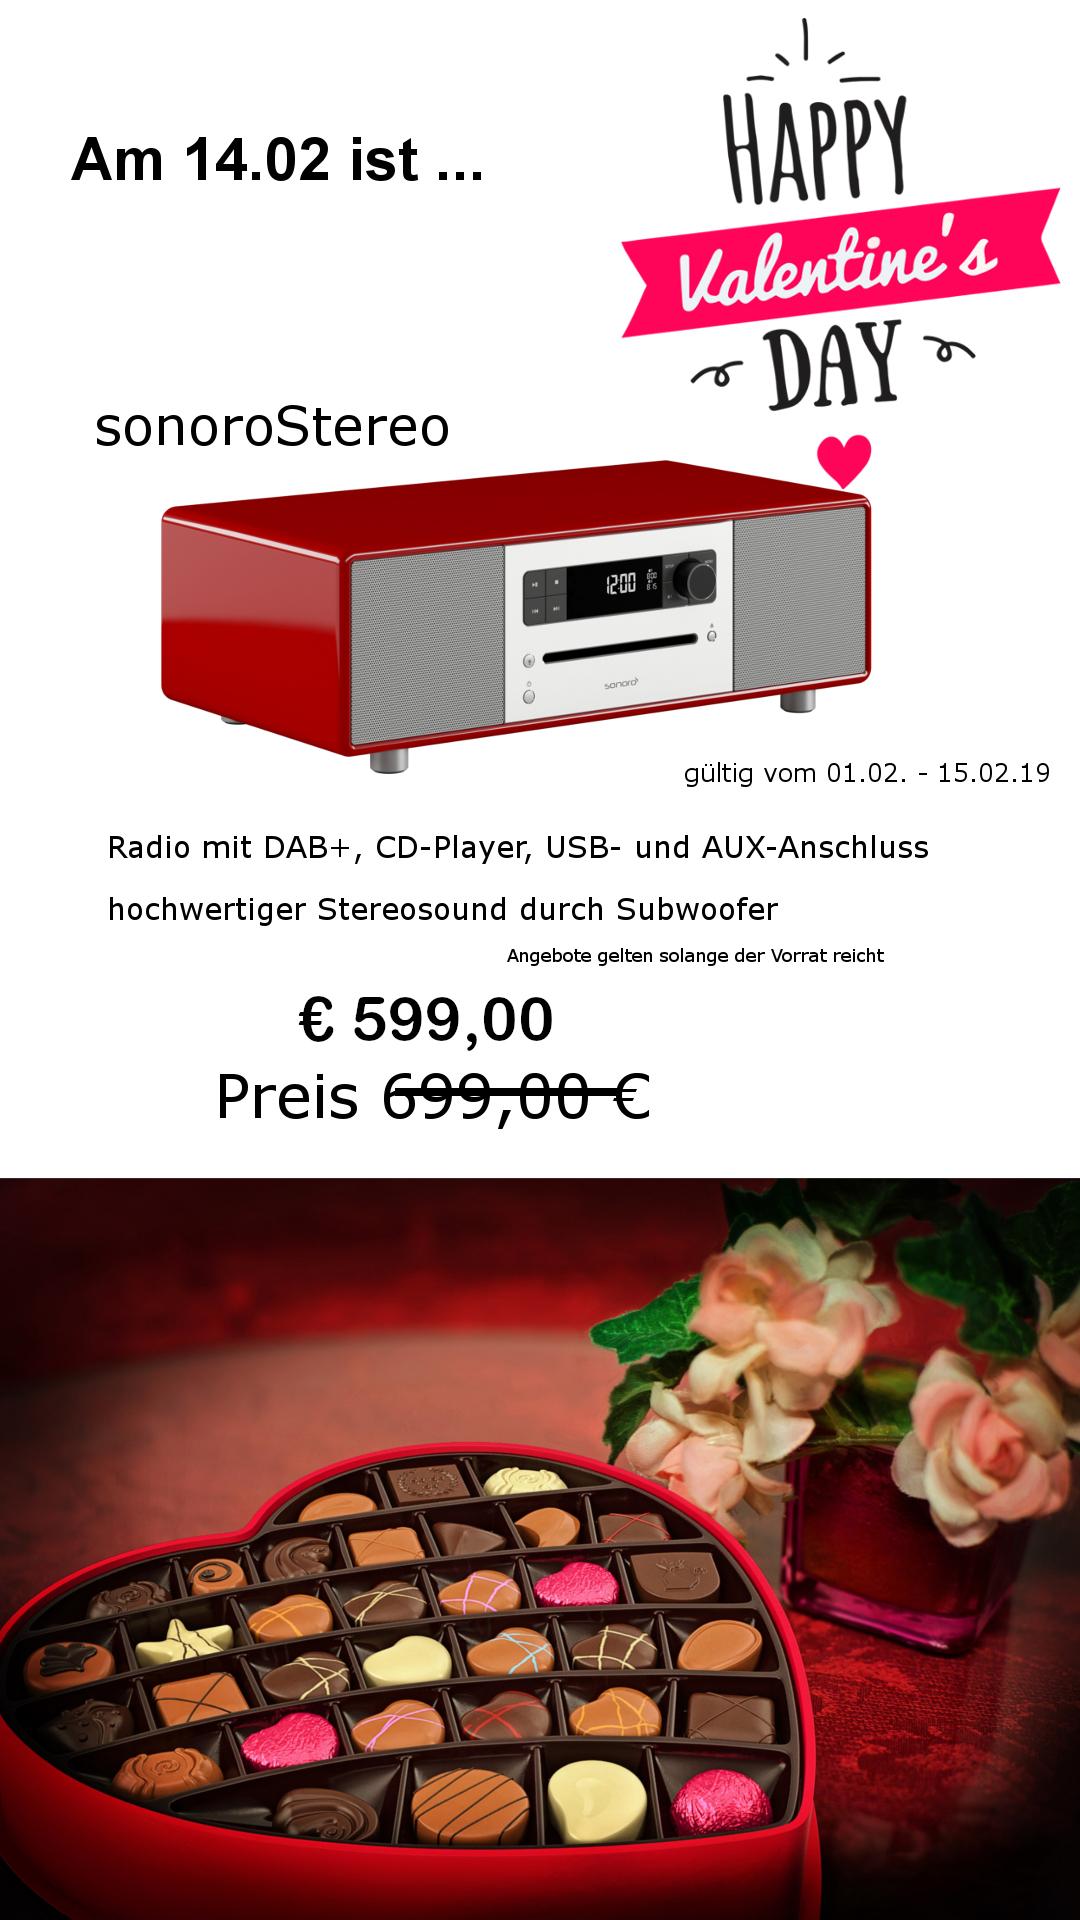 sonoro stereo 2 - Valentin 2020 euro 599